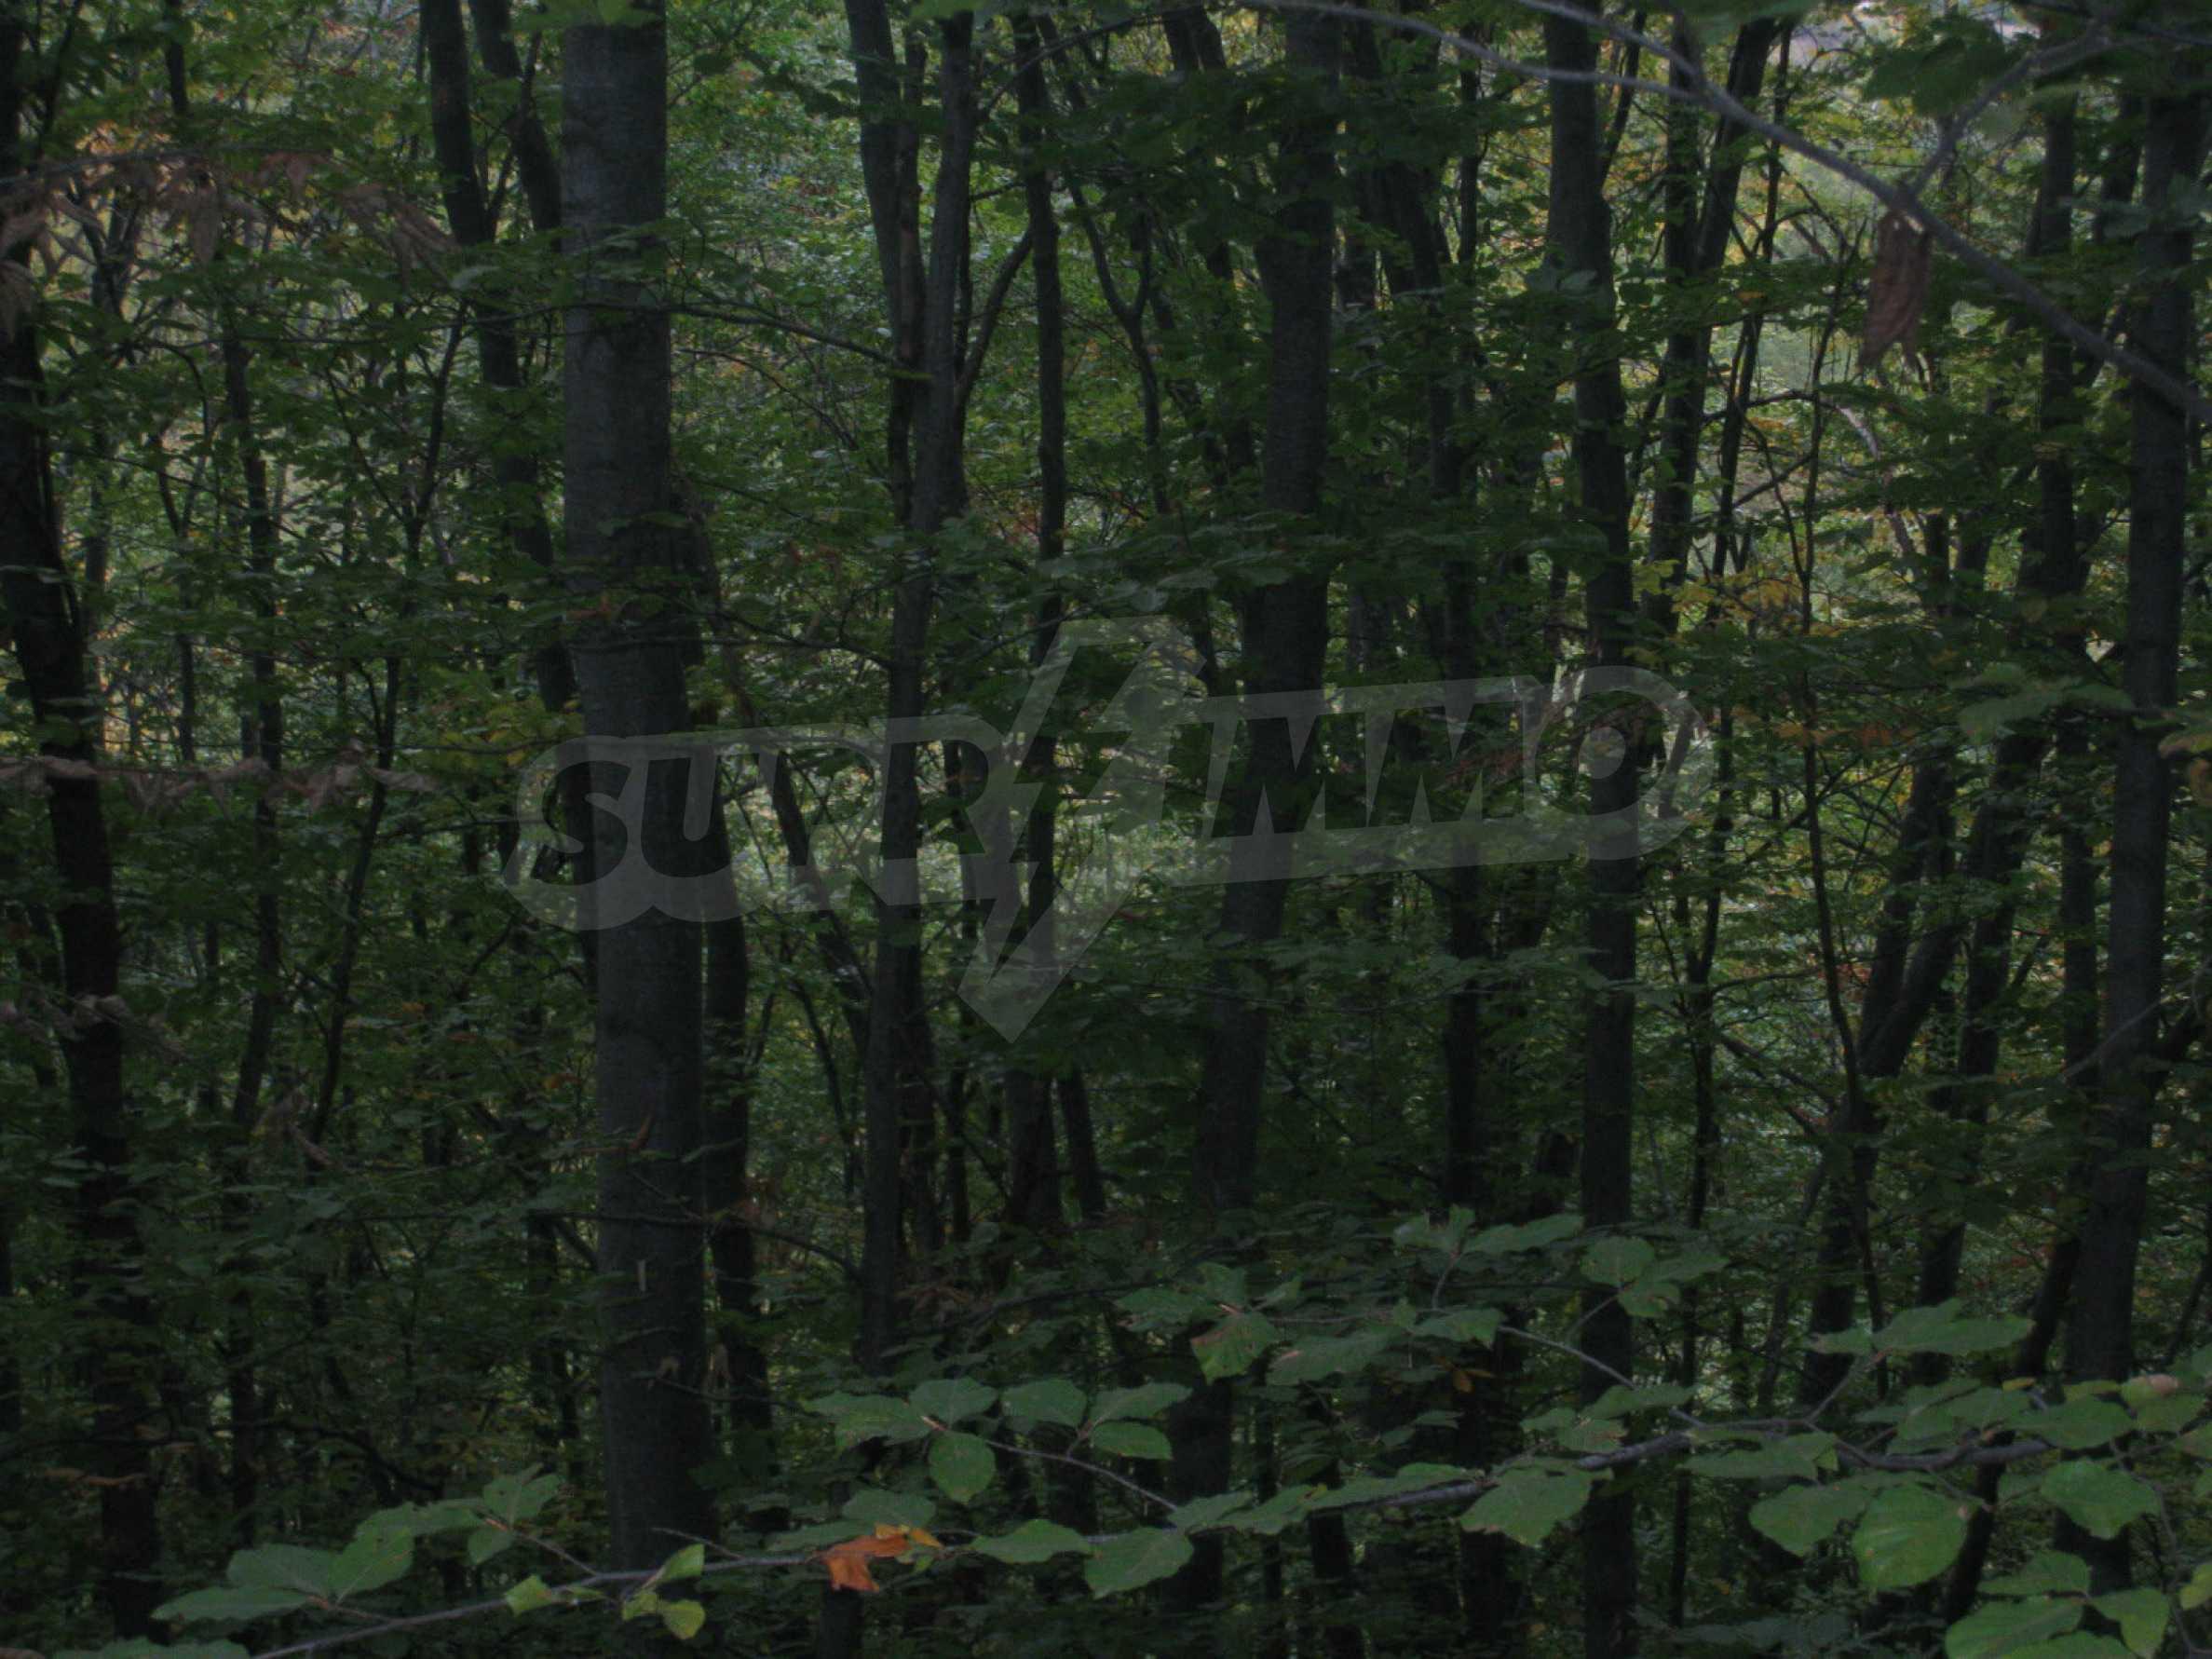 Wald zwischen den Städten Etropole und Pravets 21